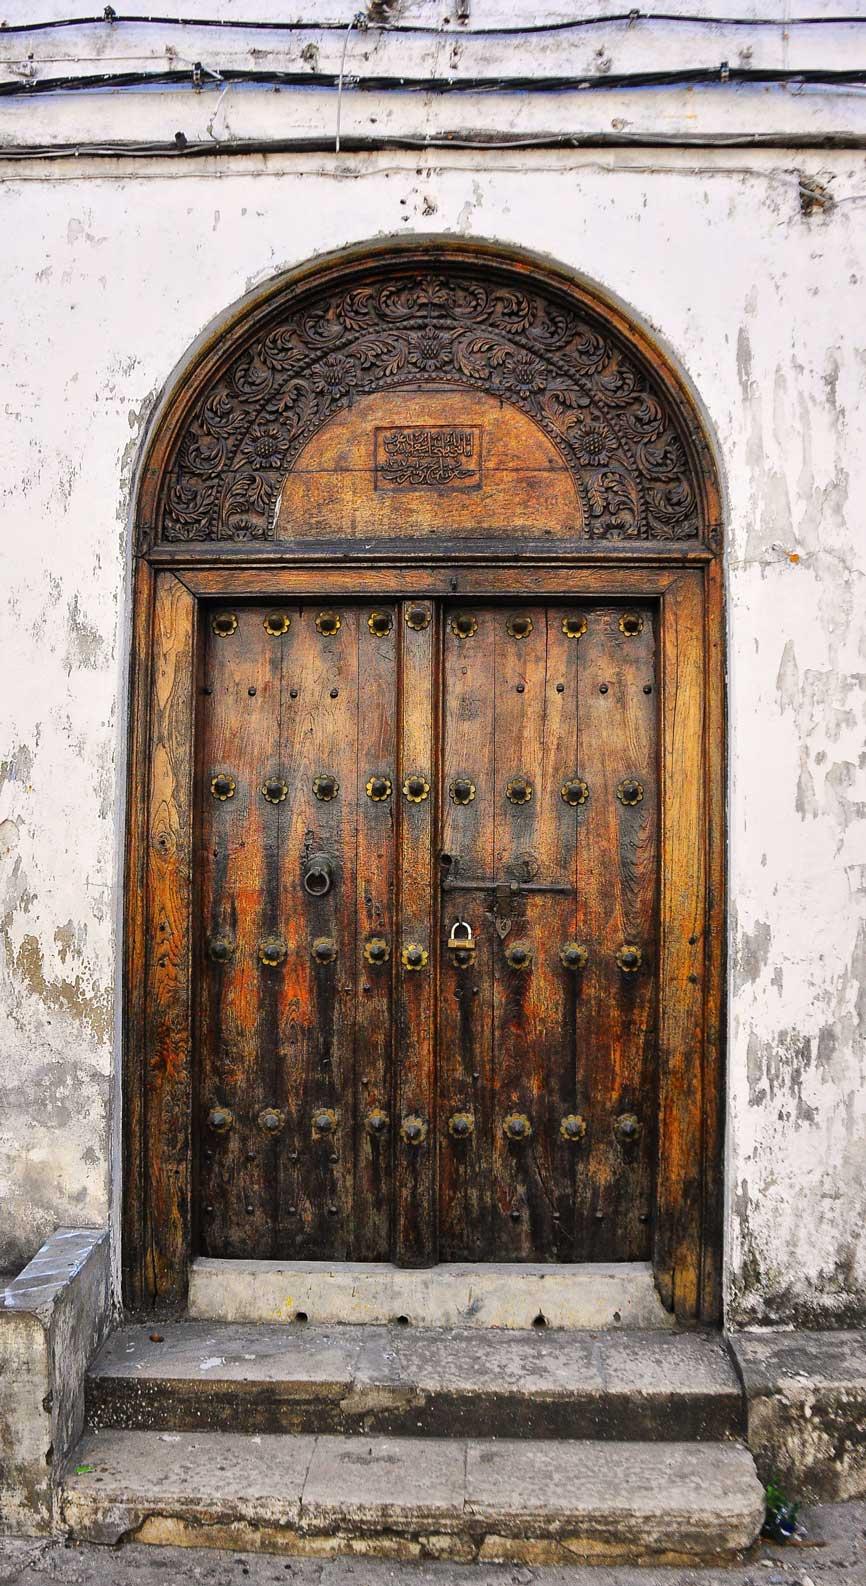 FileTraditional Door Zanzibar (7966814376).jpg & File:Traditional Door Zanzibar (7966814376).jpg - Wikimedia Commons